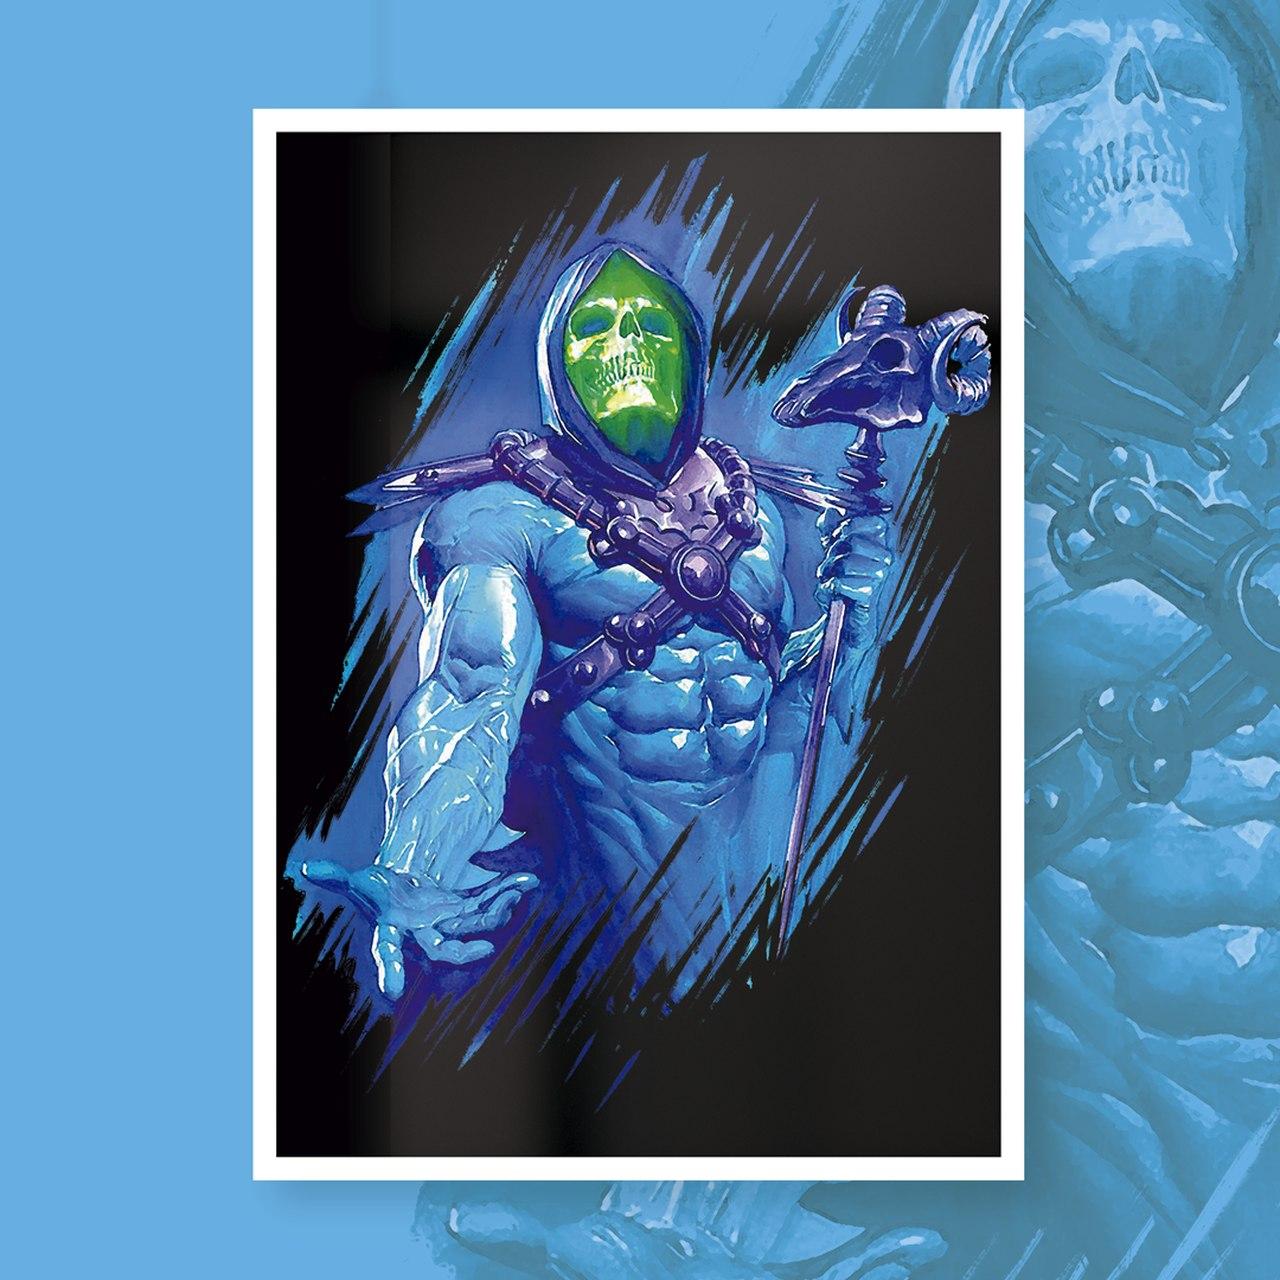 Quadro Com Moldura: Skeletor (Master Of The Universe) - 46x33